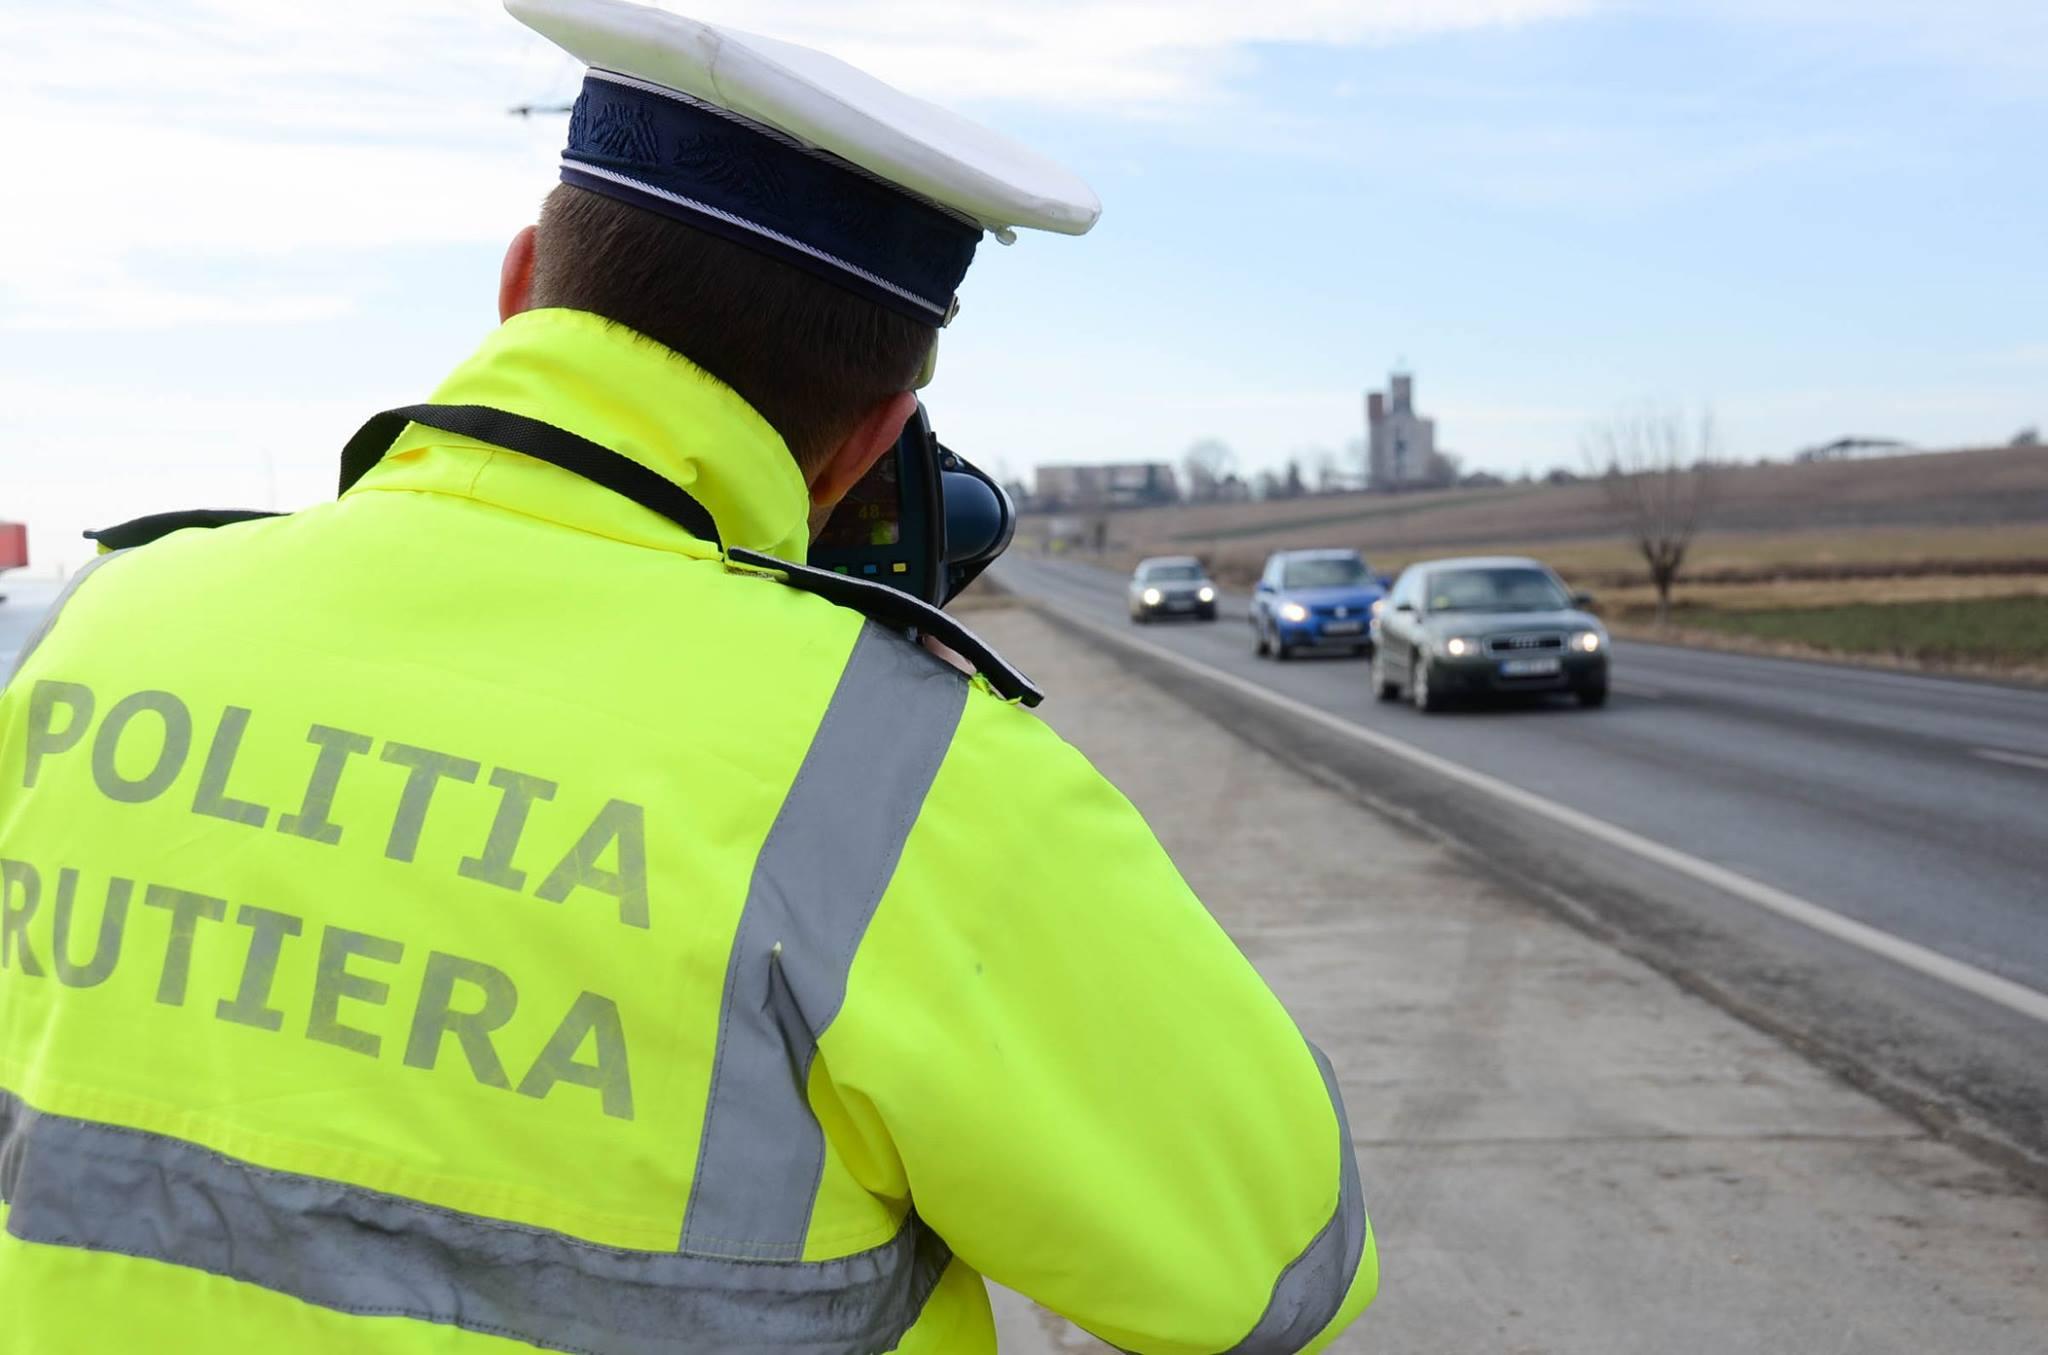 Bilantul actiunii Politiei Romane din weekend: 11.000 de amenzi si 1027 de permise retinute din cauza vitezei excesive